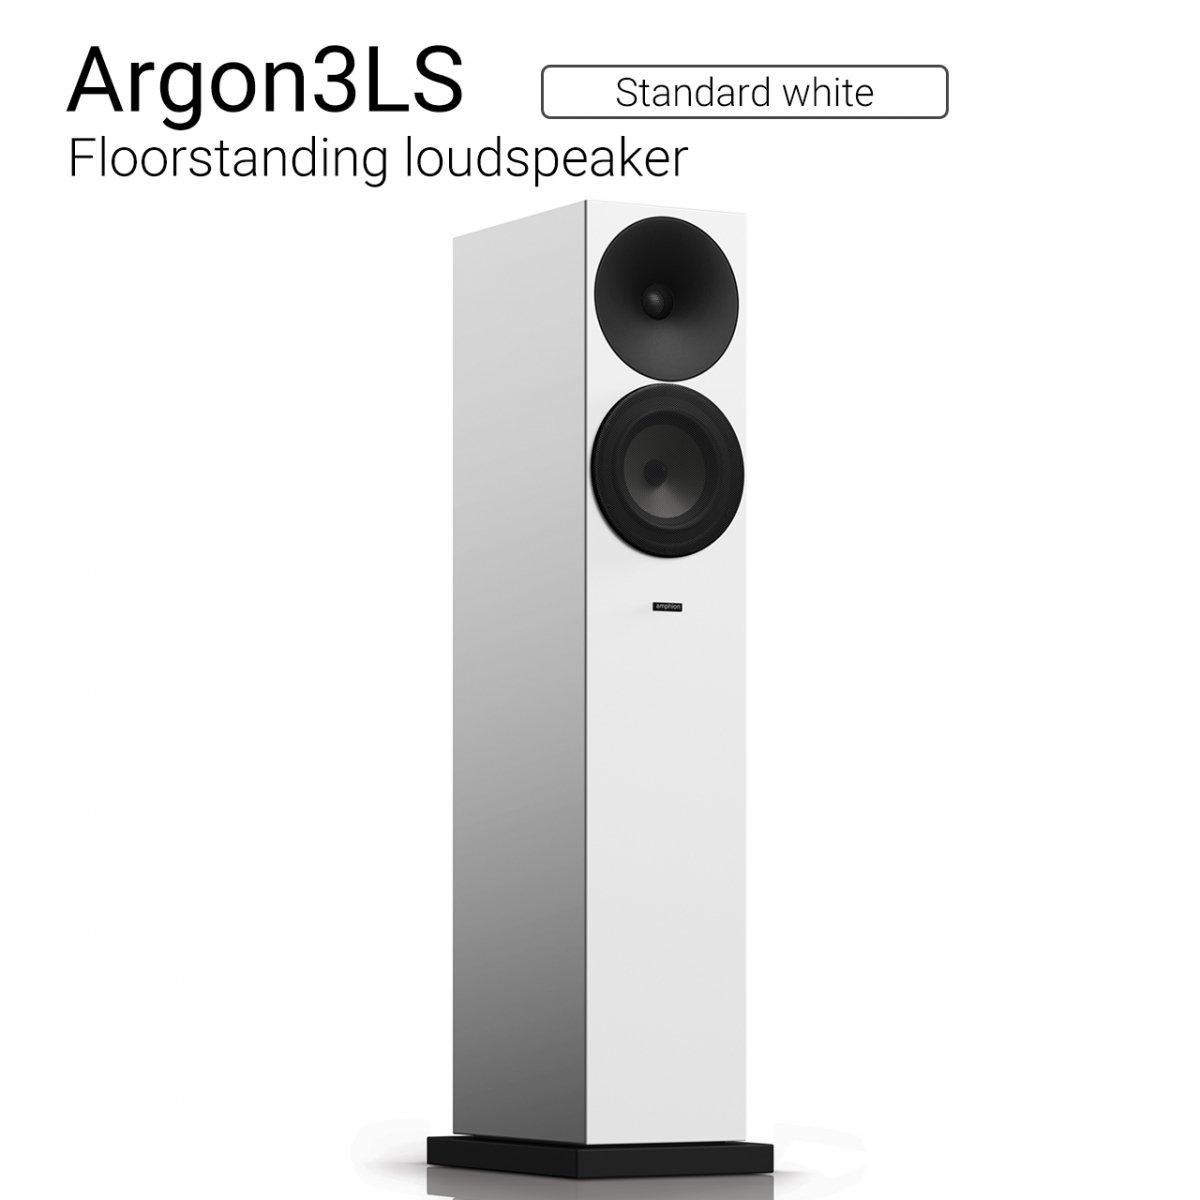 Argon3LS (Standard white) Floorstanding loudspeaker【ペア】